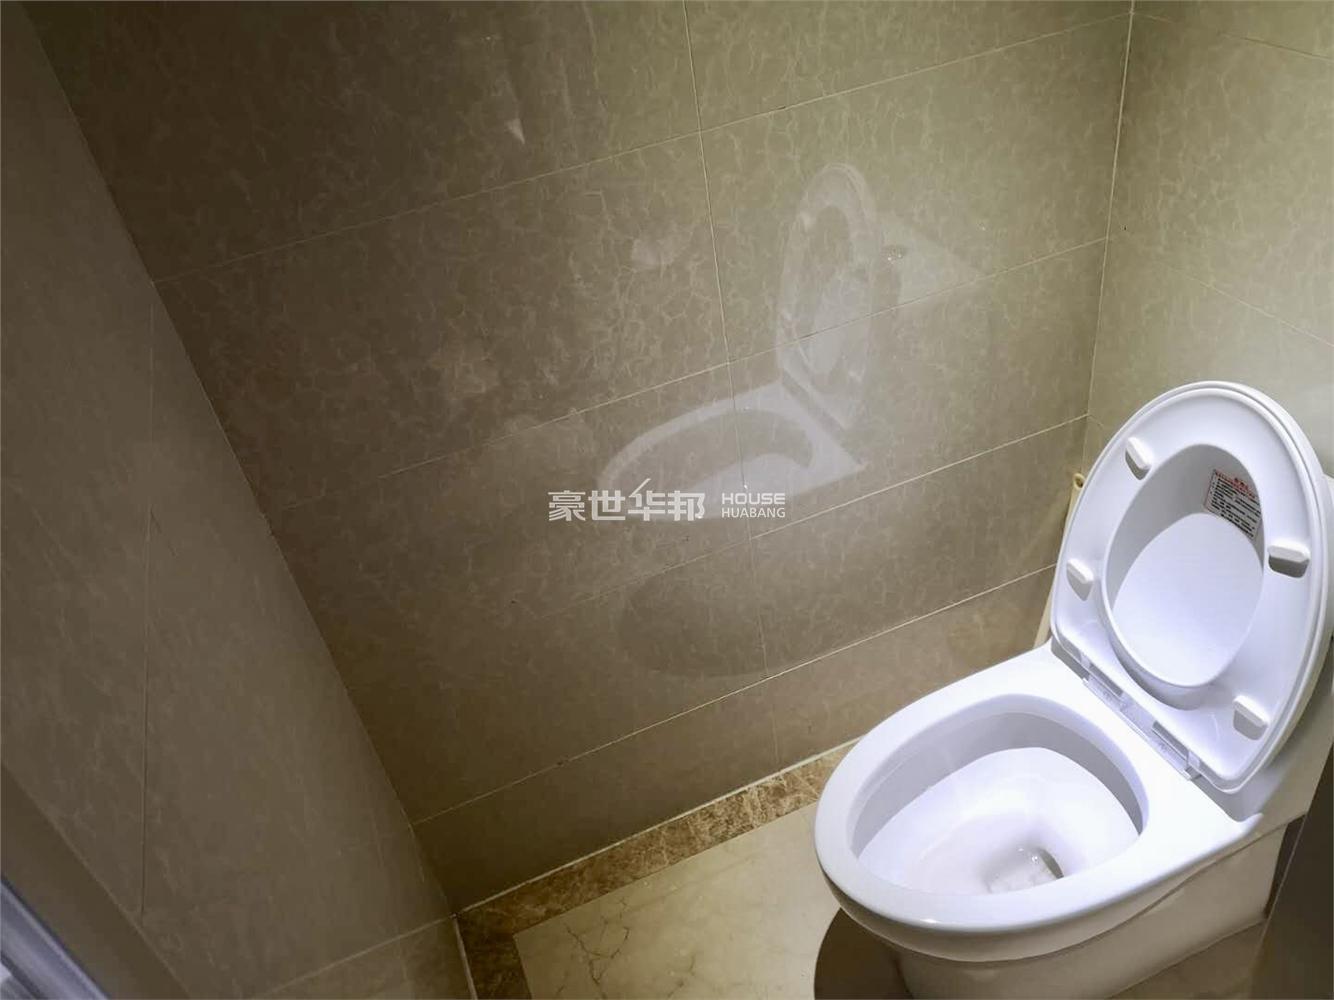 同人广场出租房-卫生间